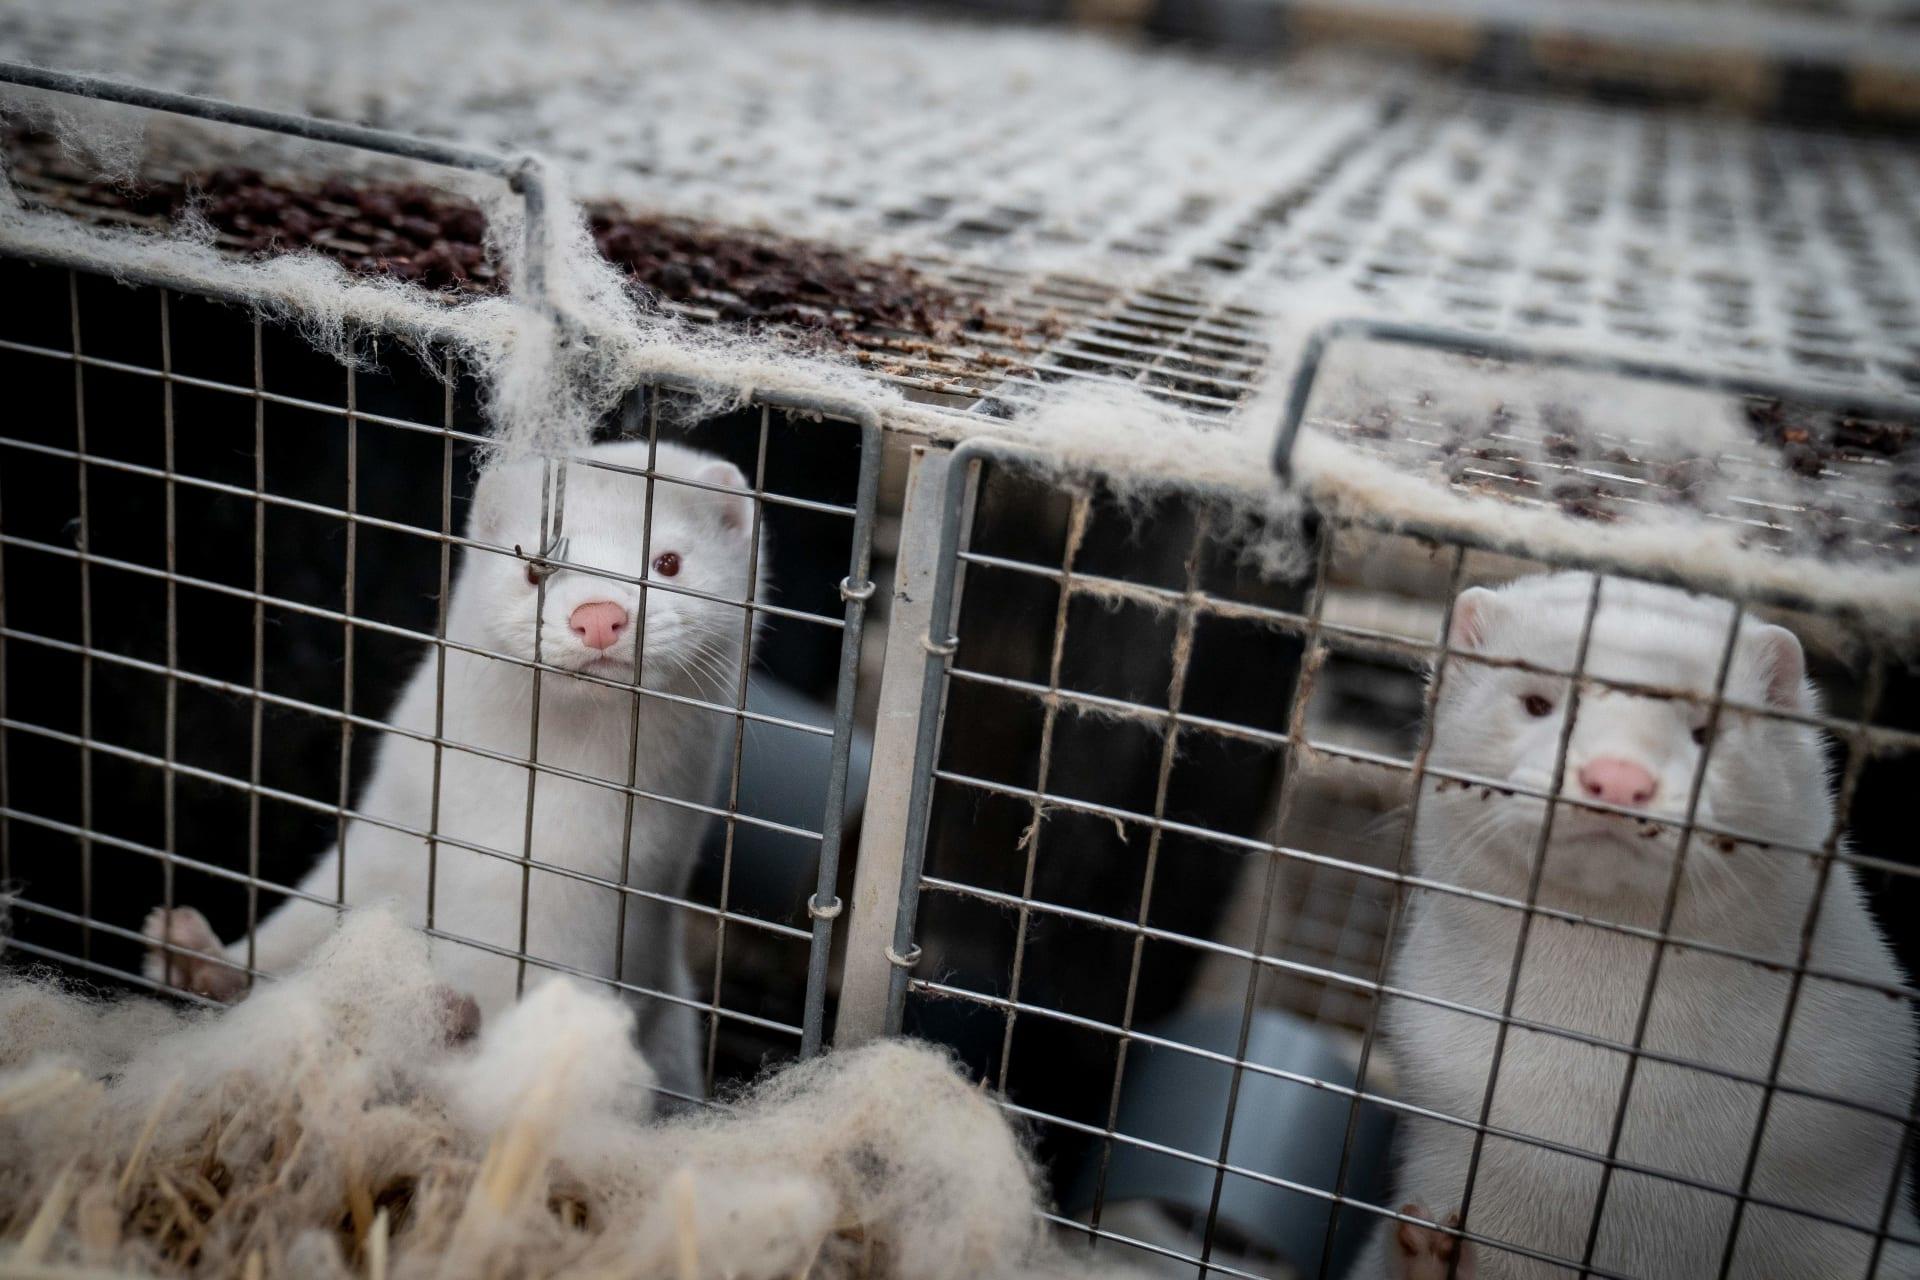 دراسة هولندية توضح كيفية انتشار فيروس كورونا في مزارع حيوانات المنك